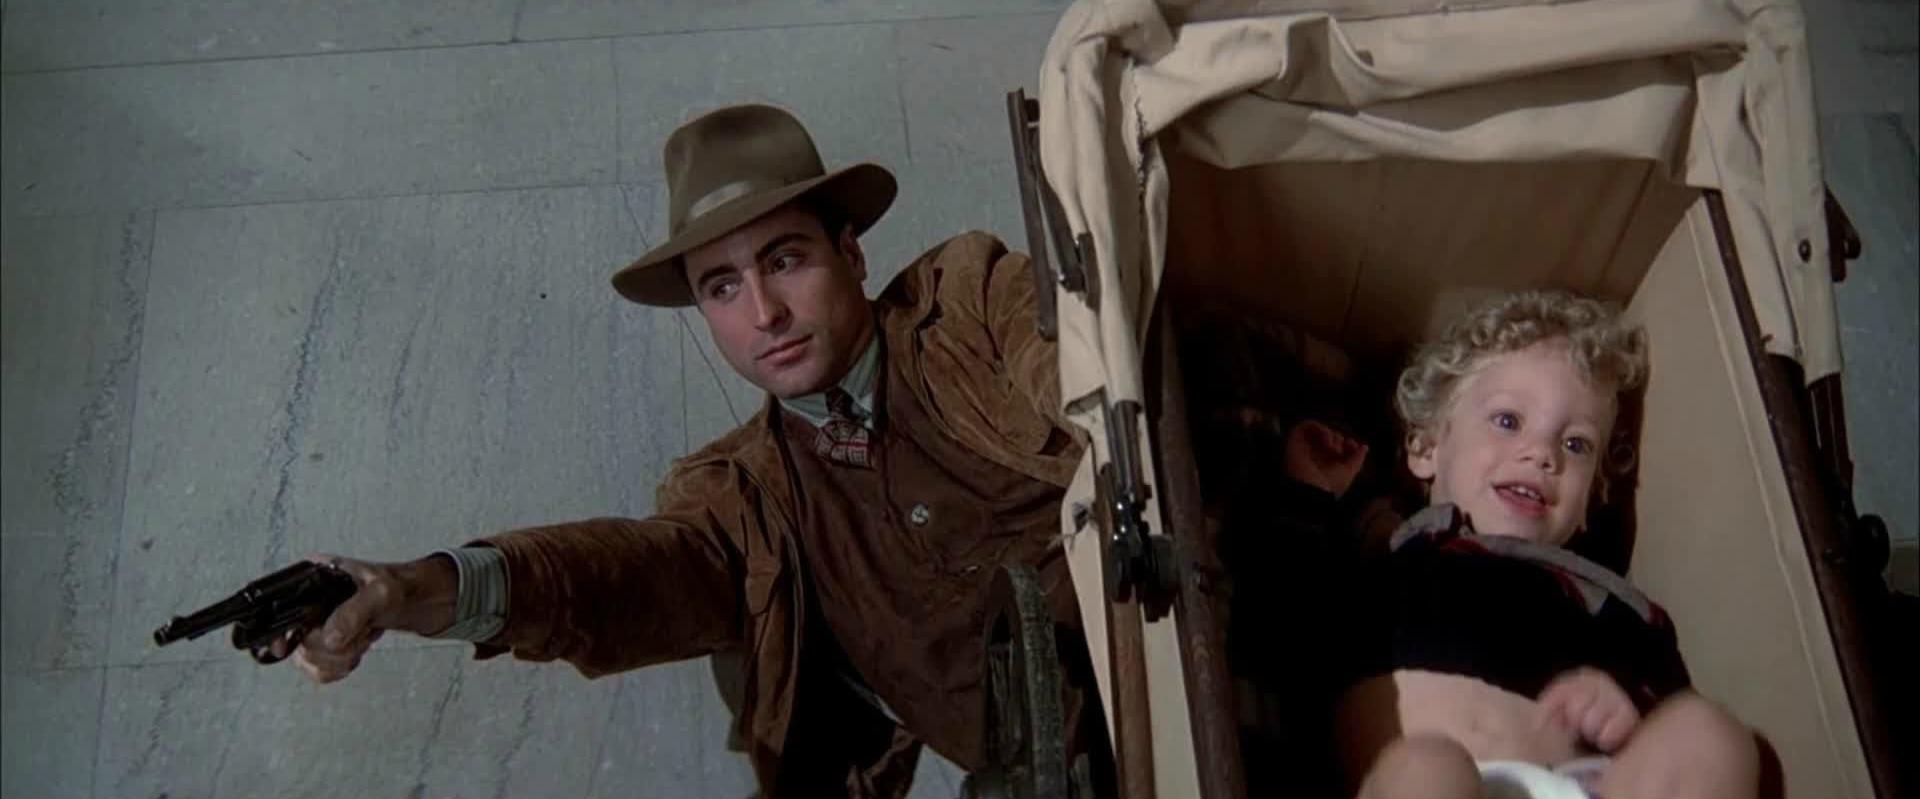 The Untouchables (1987) Union Station